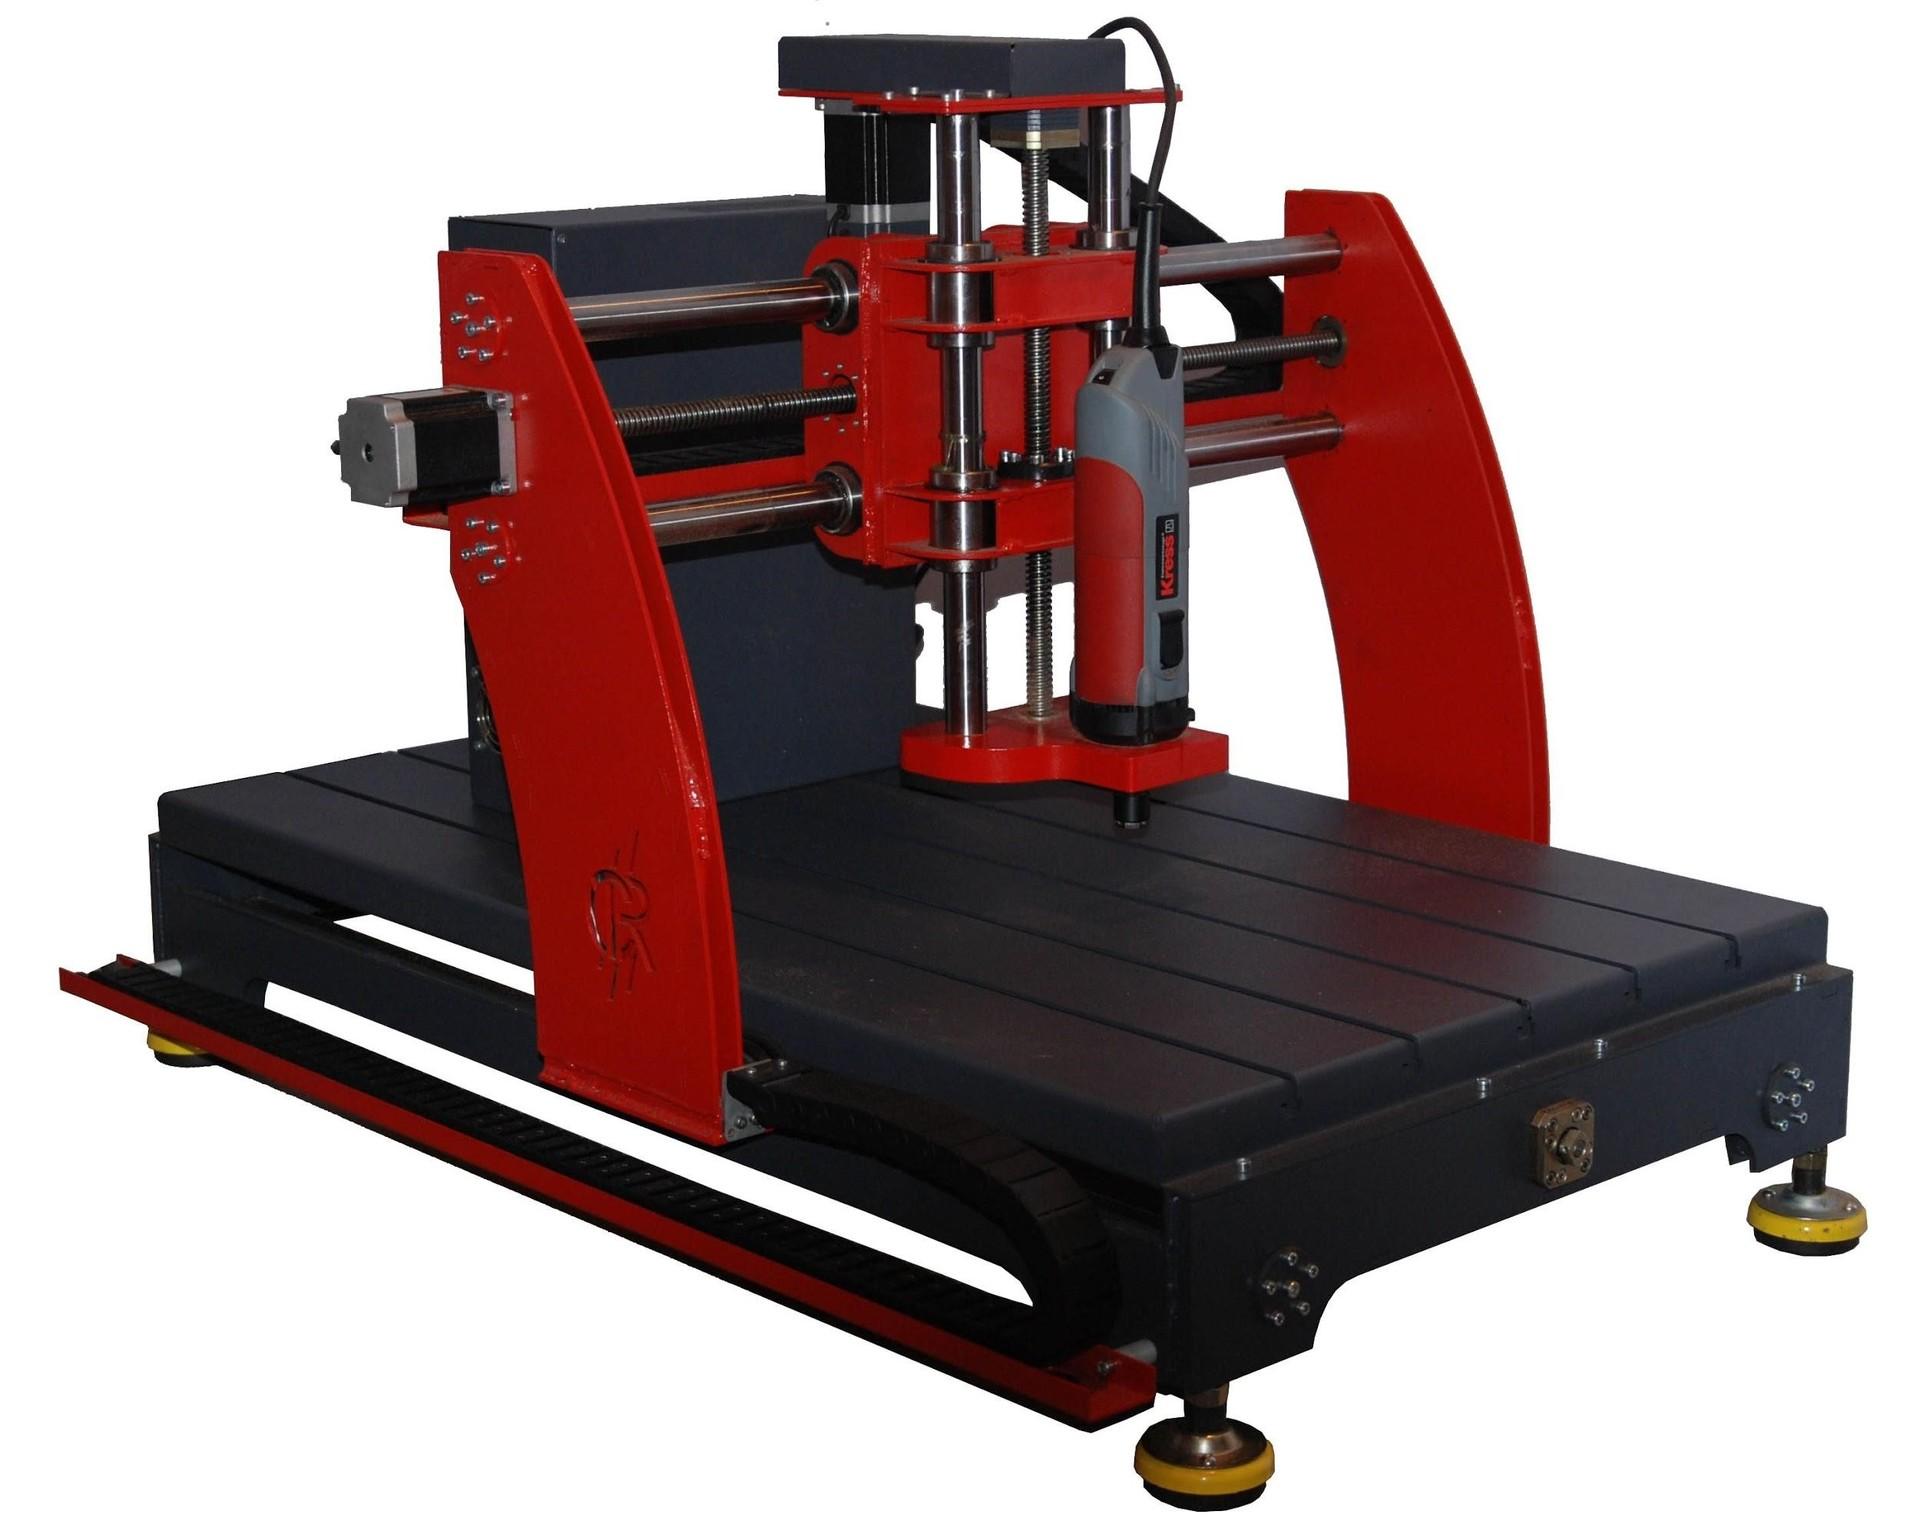 инструкция по эксплуатации станка для печатания денег